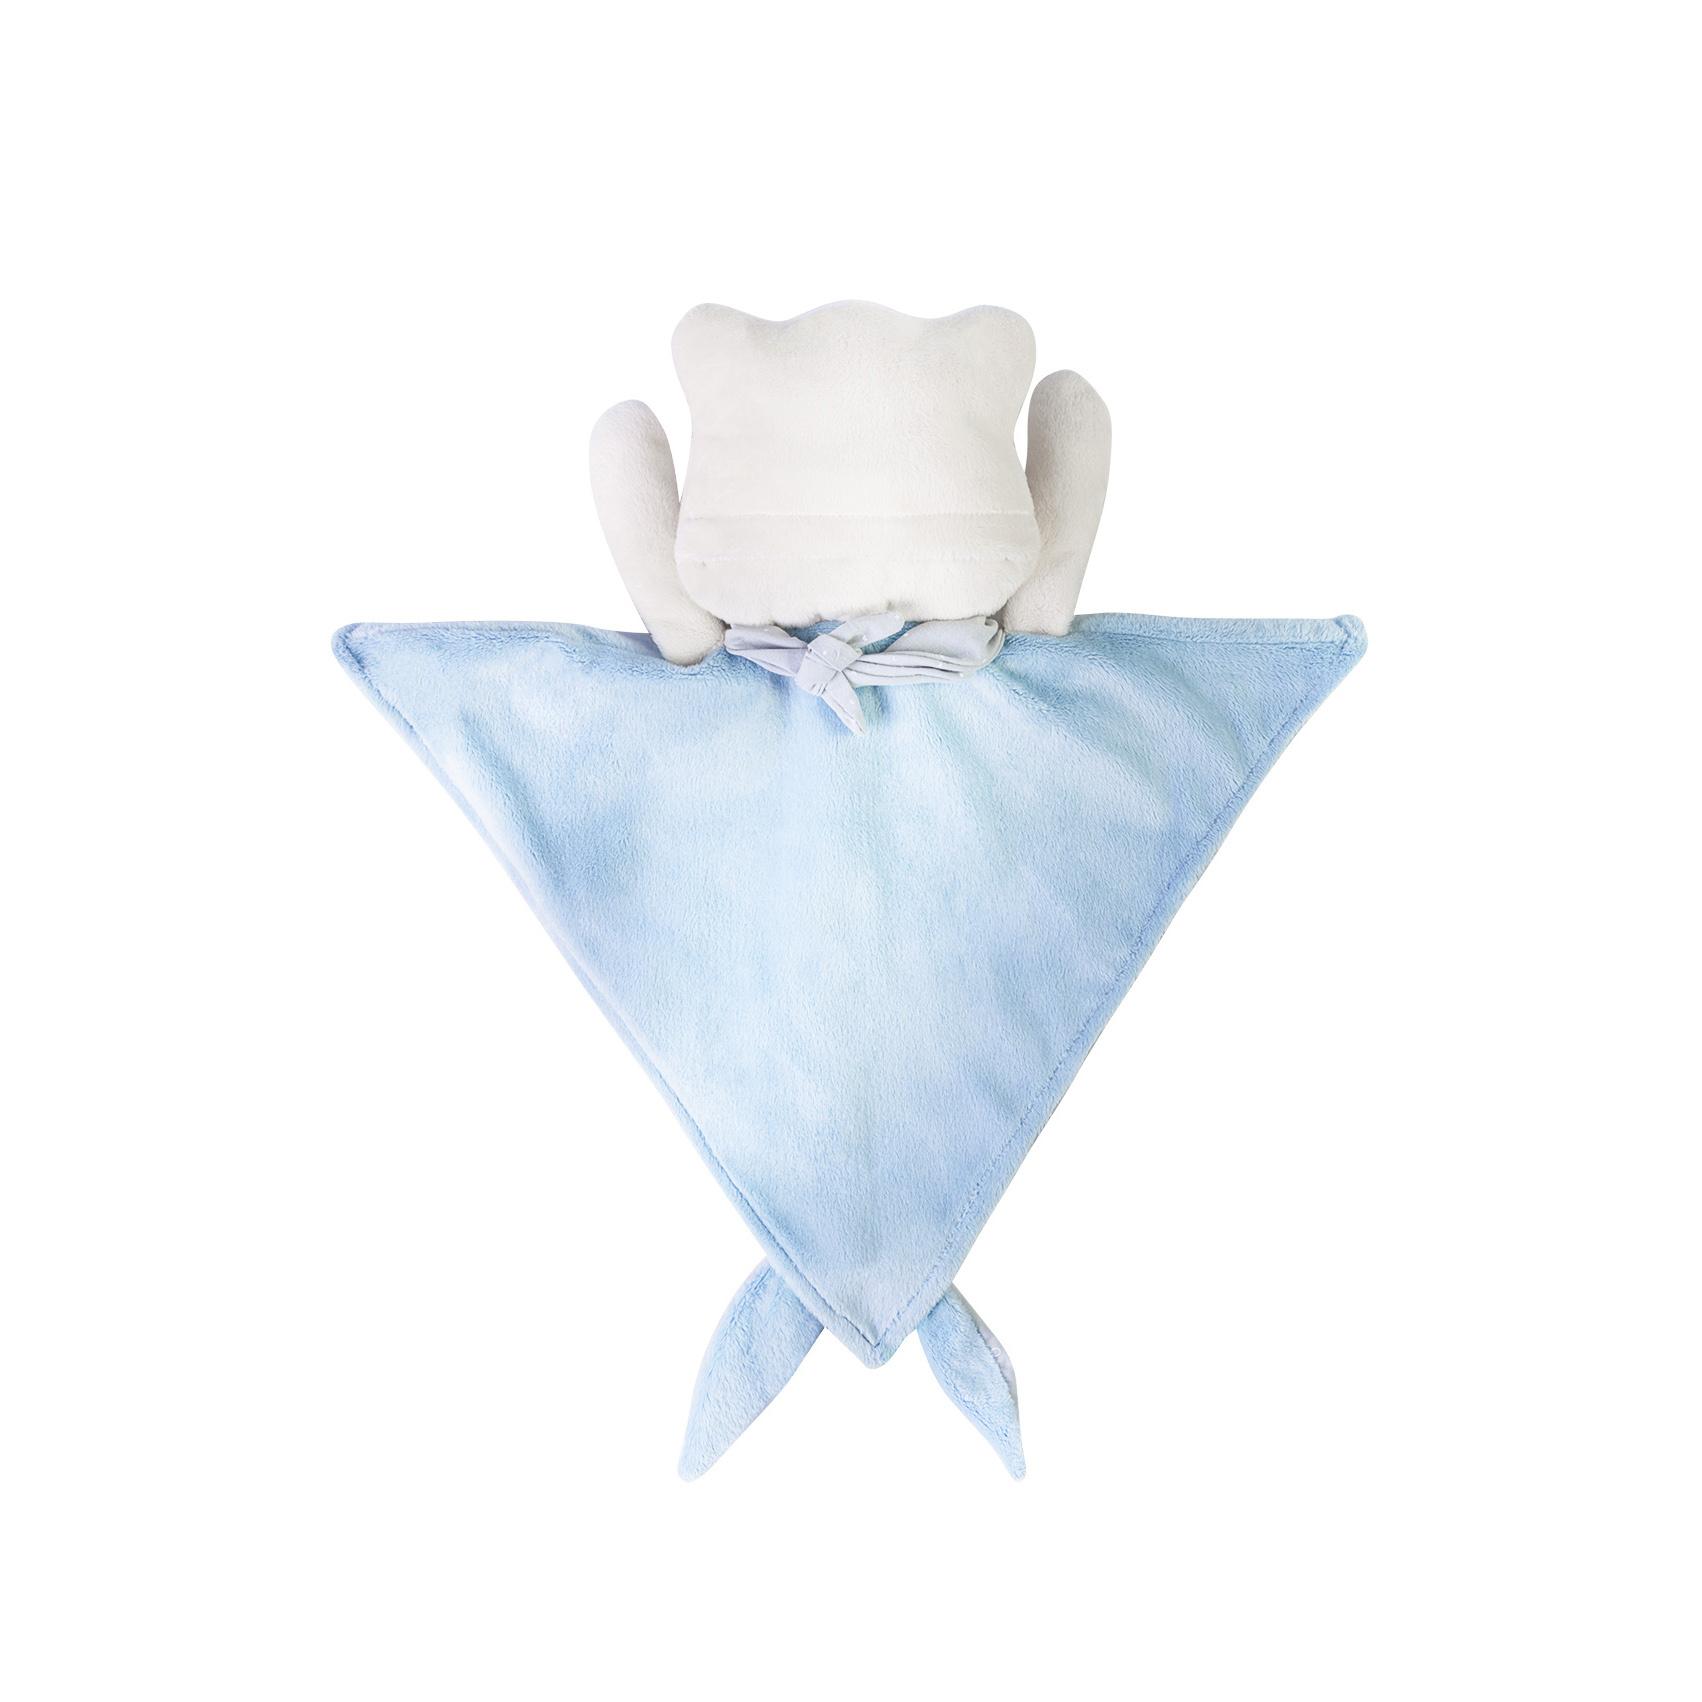 myHummy Doudou Premium - Blue